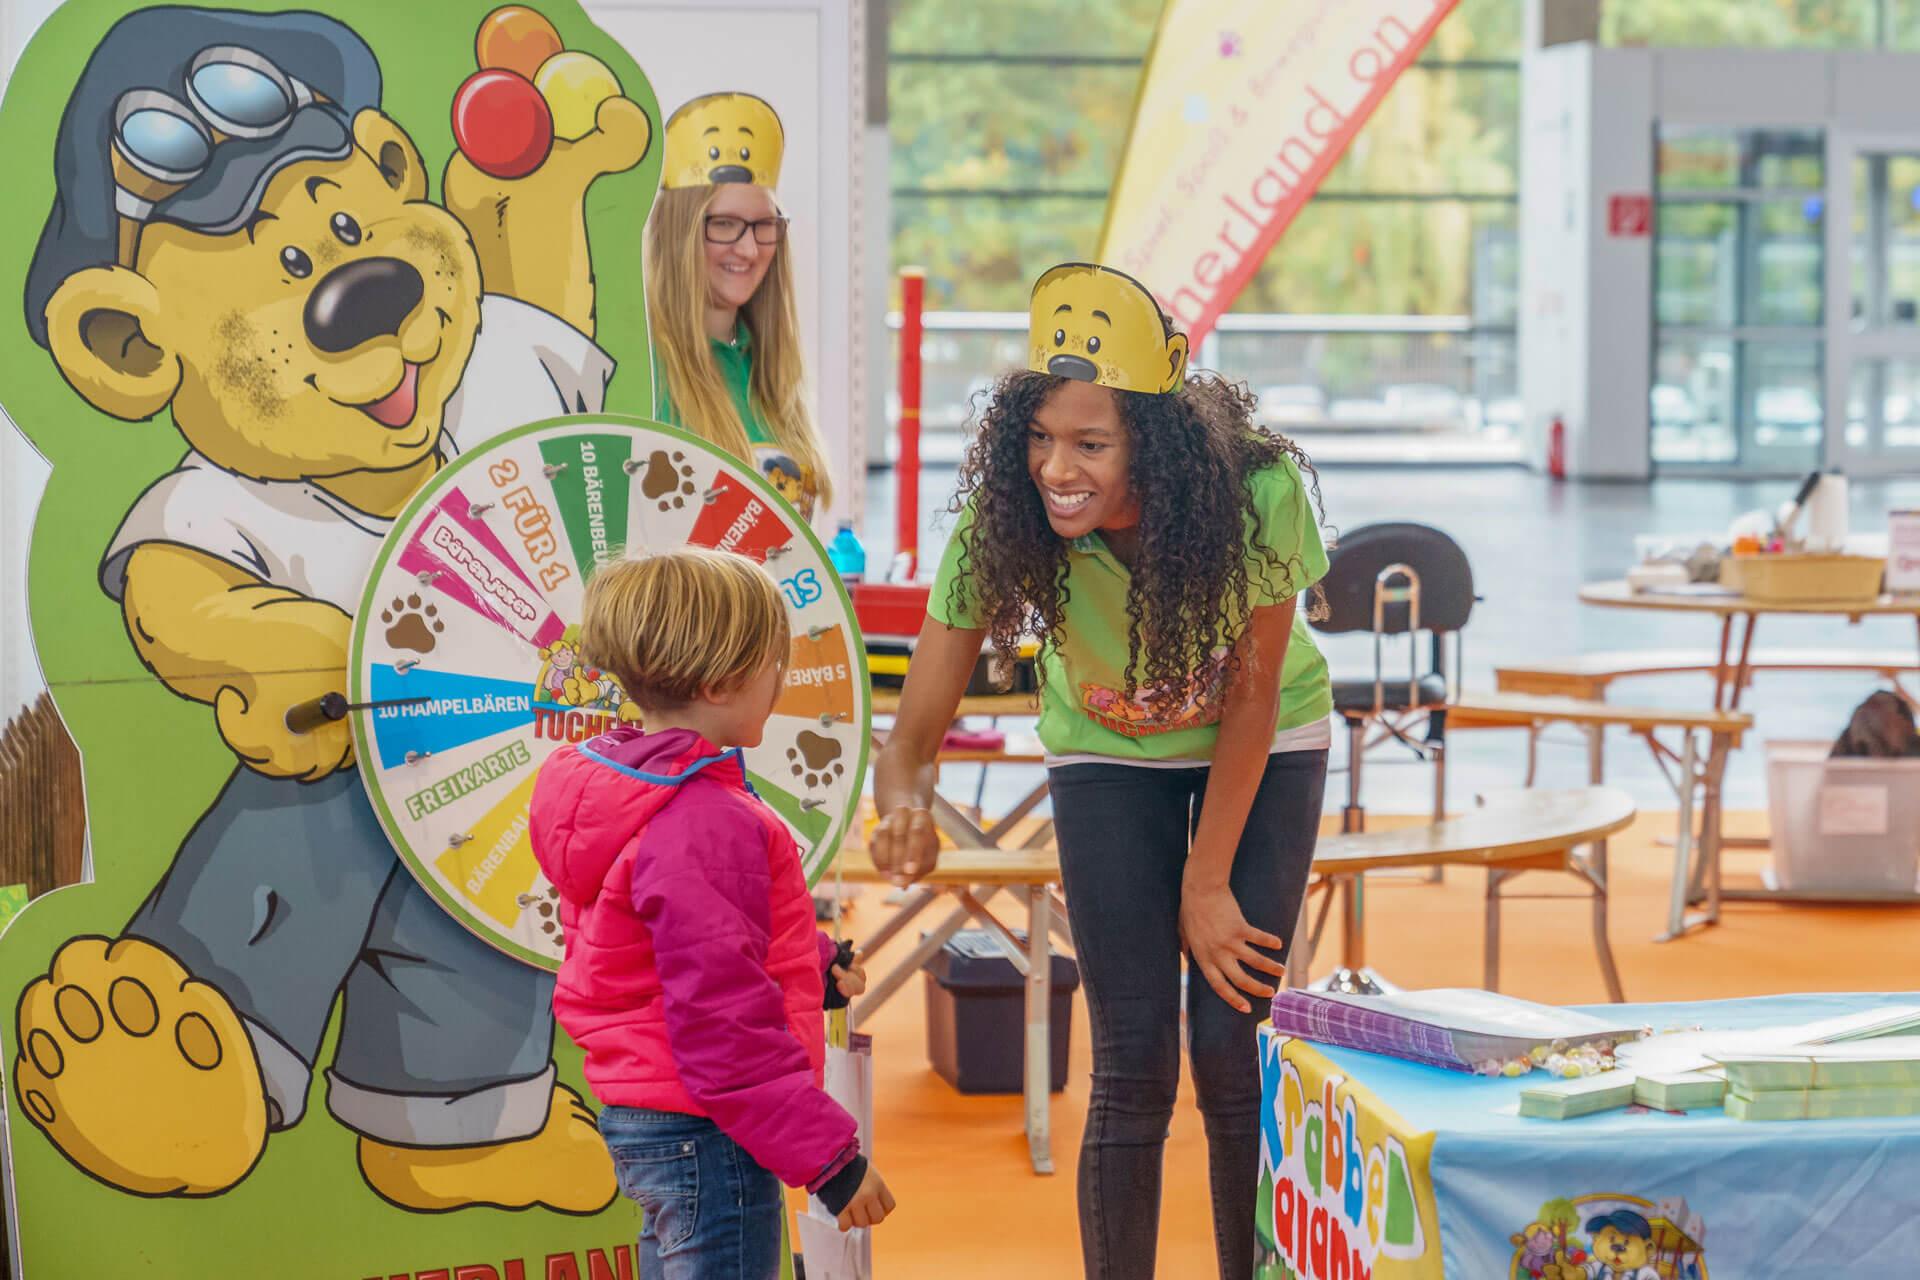 GOKART PROFI auf der Consumenta - Gokart Spaß - Foto: www.consumenta.de